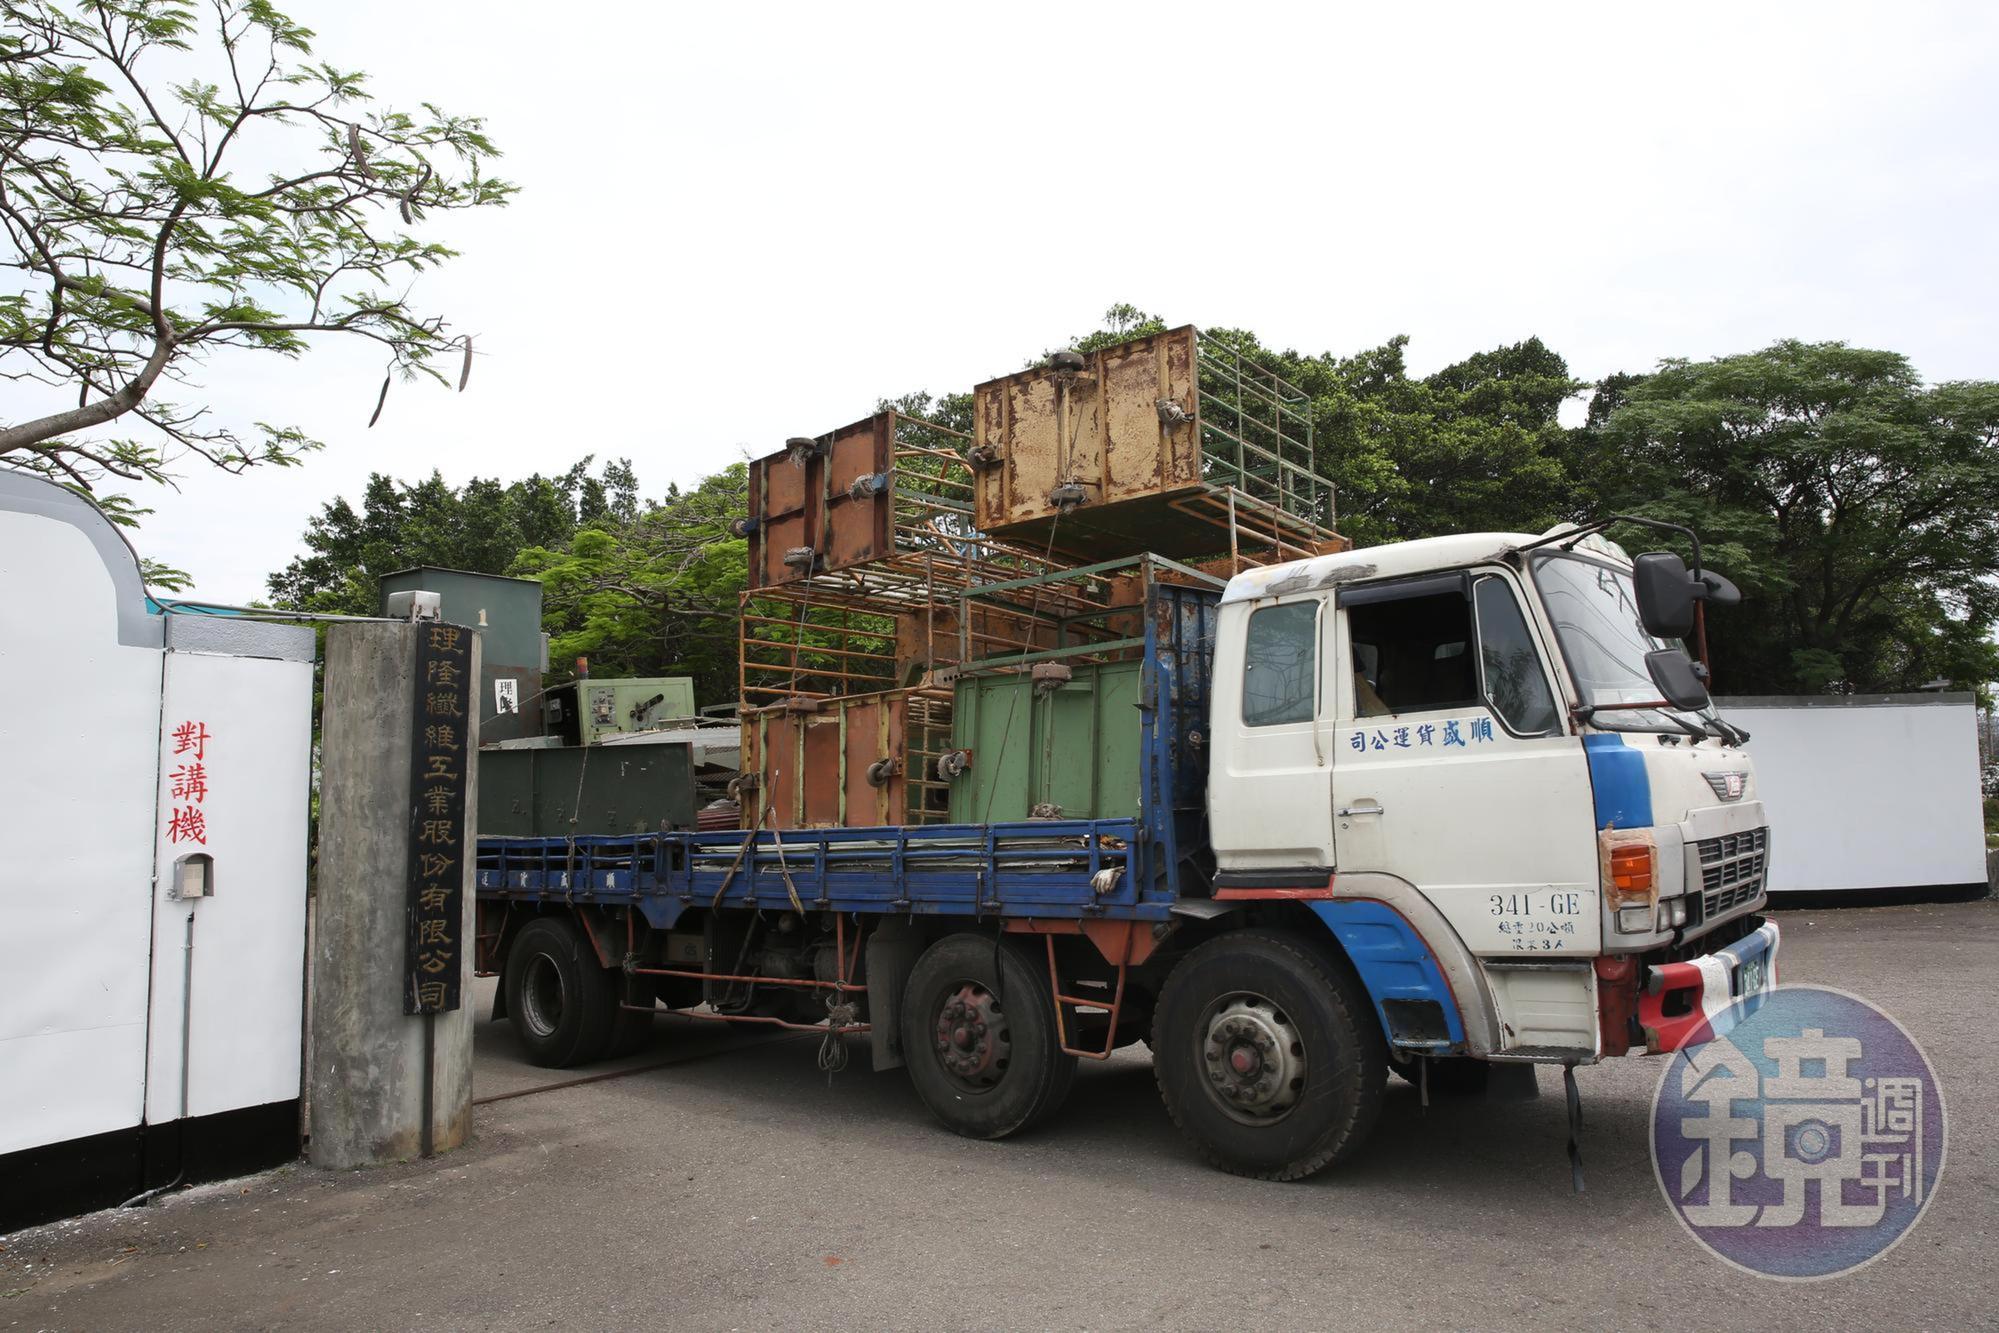 理隆纖維位在桃園中壢的廠區,近期被本刊直擊,有不少廢棄設備將被淘汰。